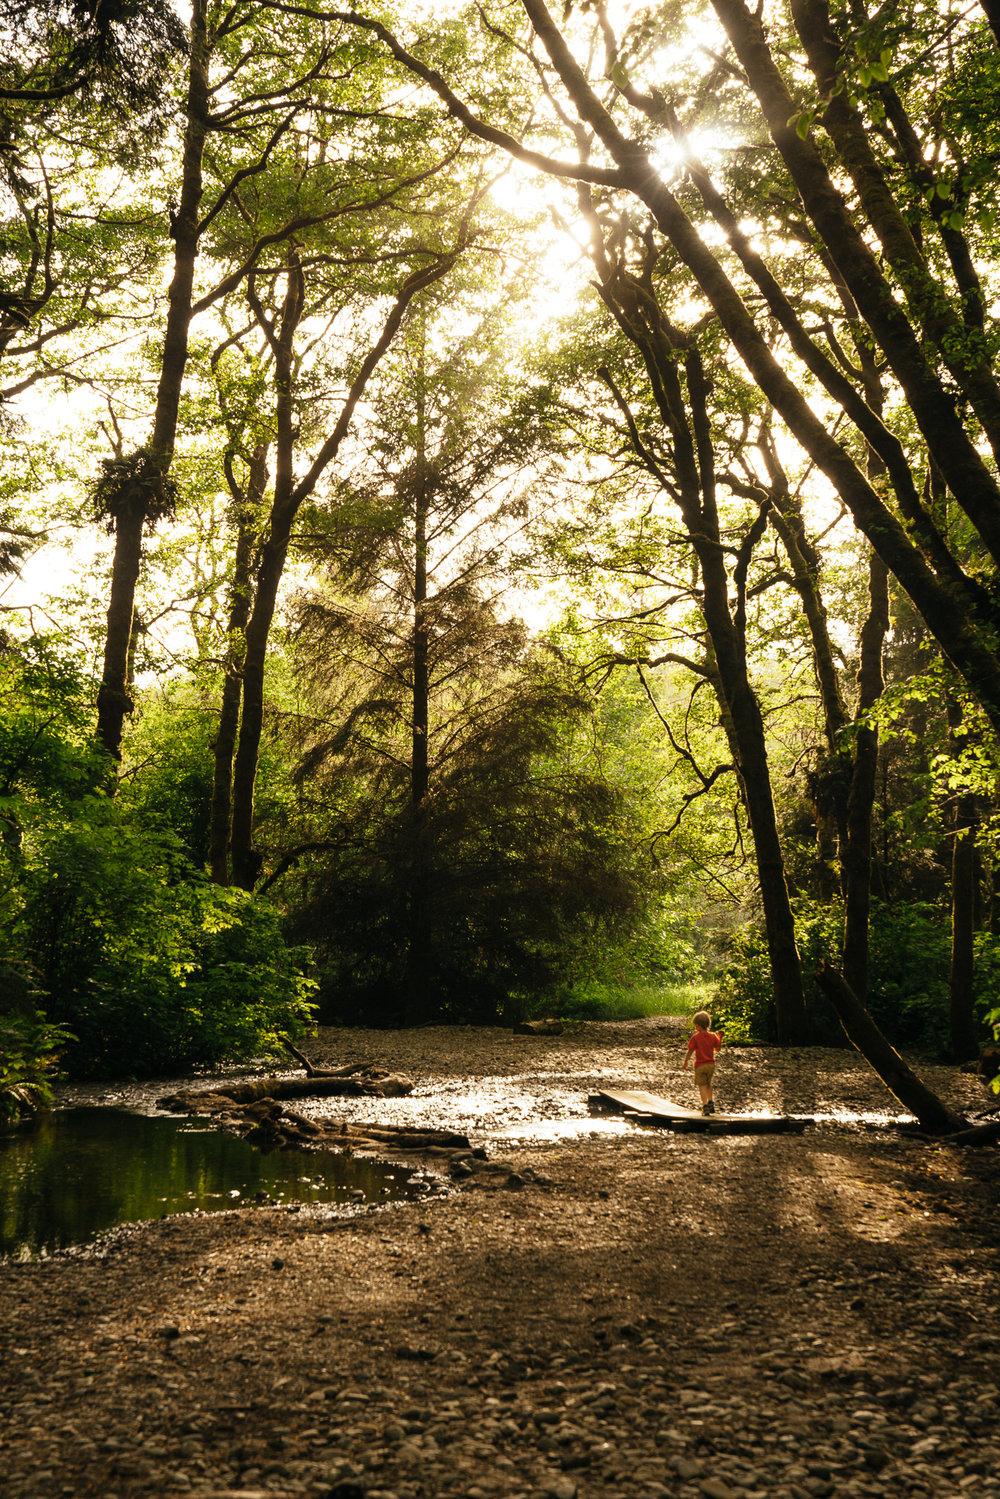 redwoods-99.jpg